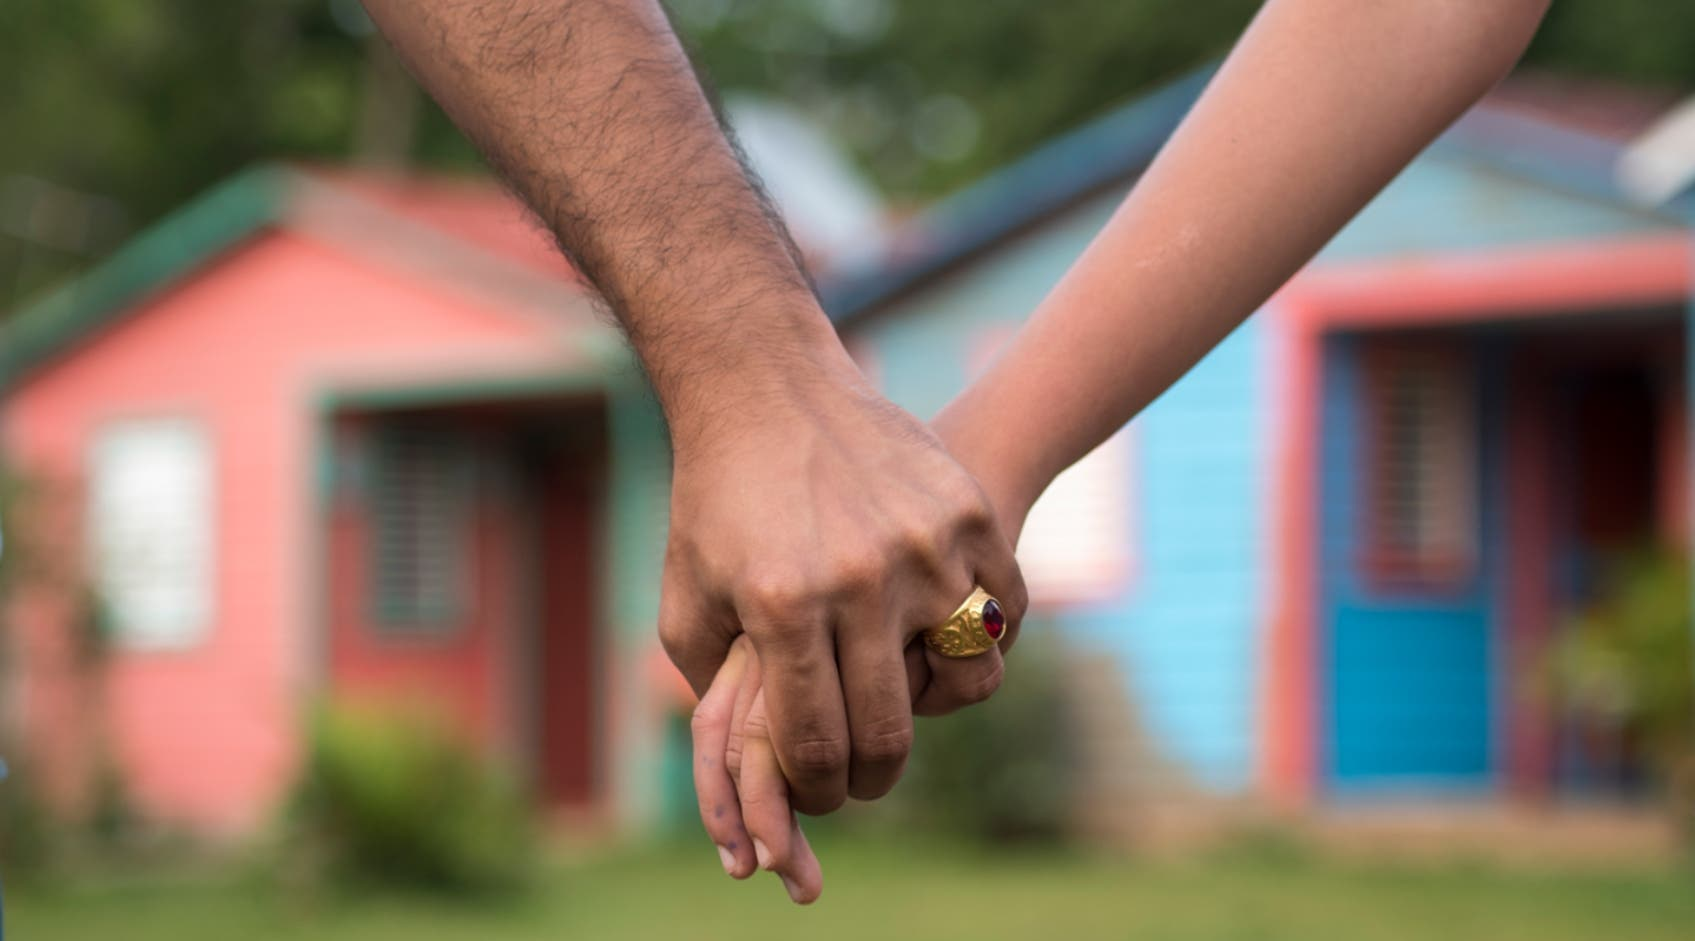 """Las niñas corren mayor riesgo de casarse debido al COVID-19"""", según UNICEF"""